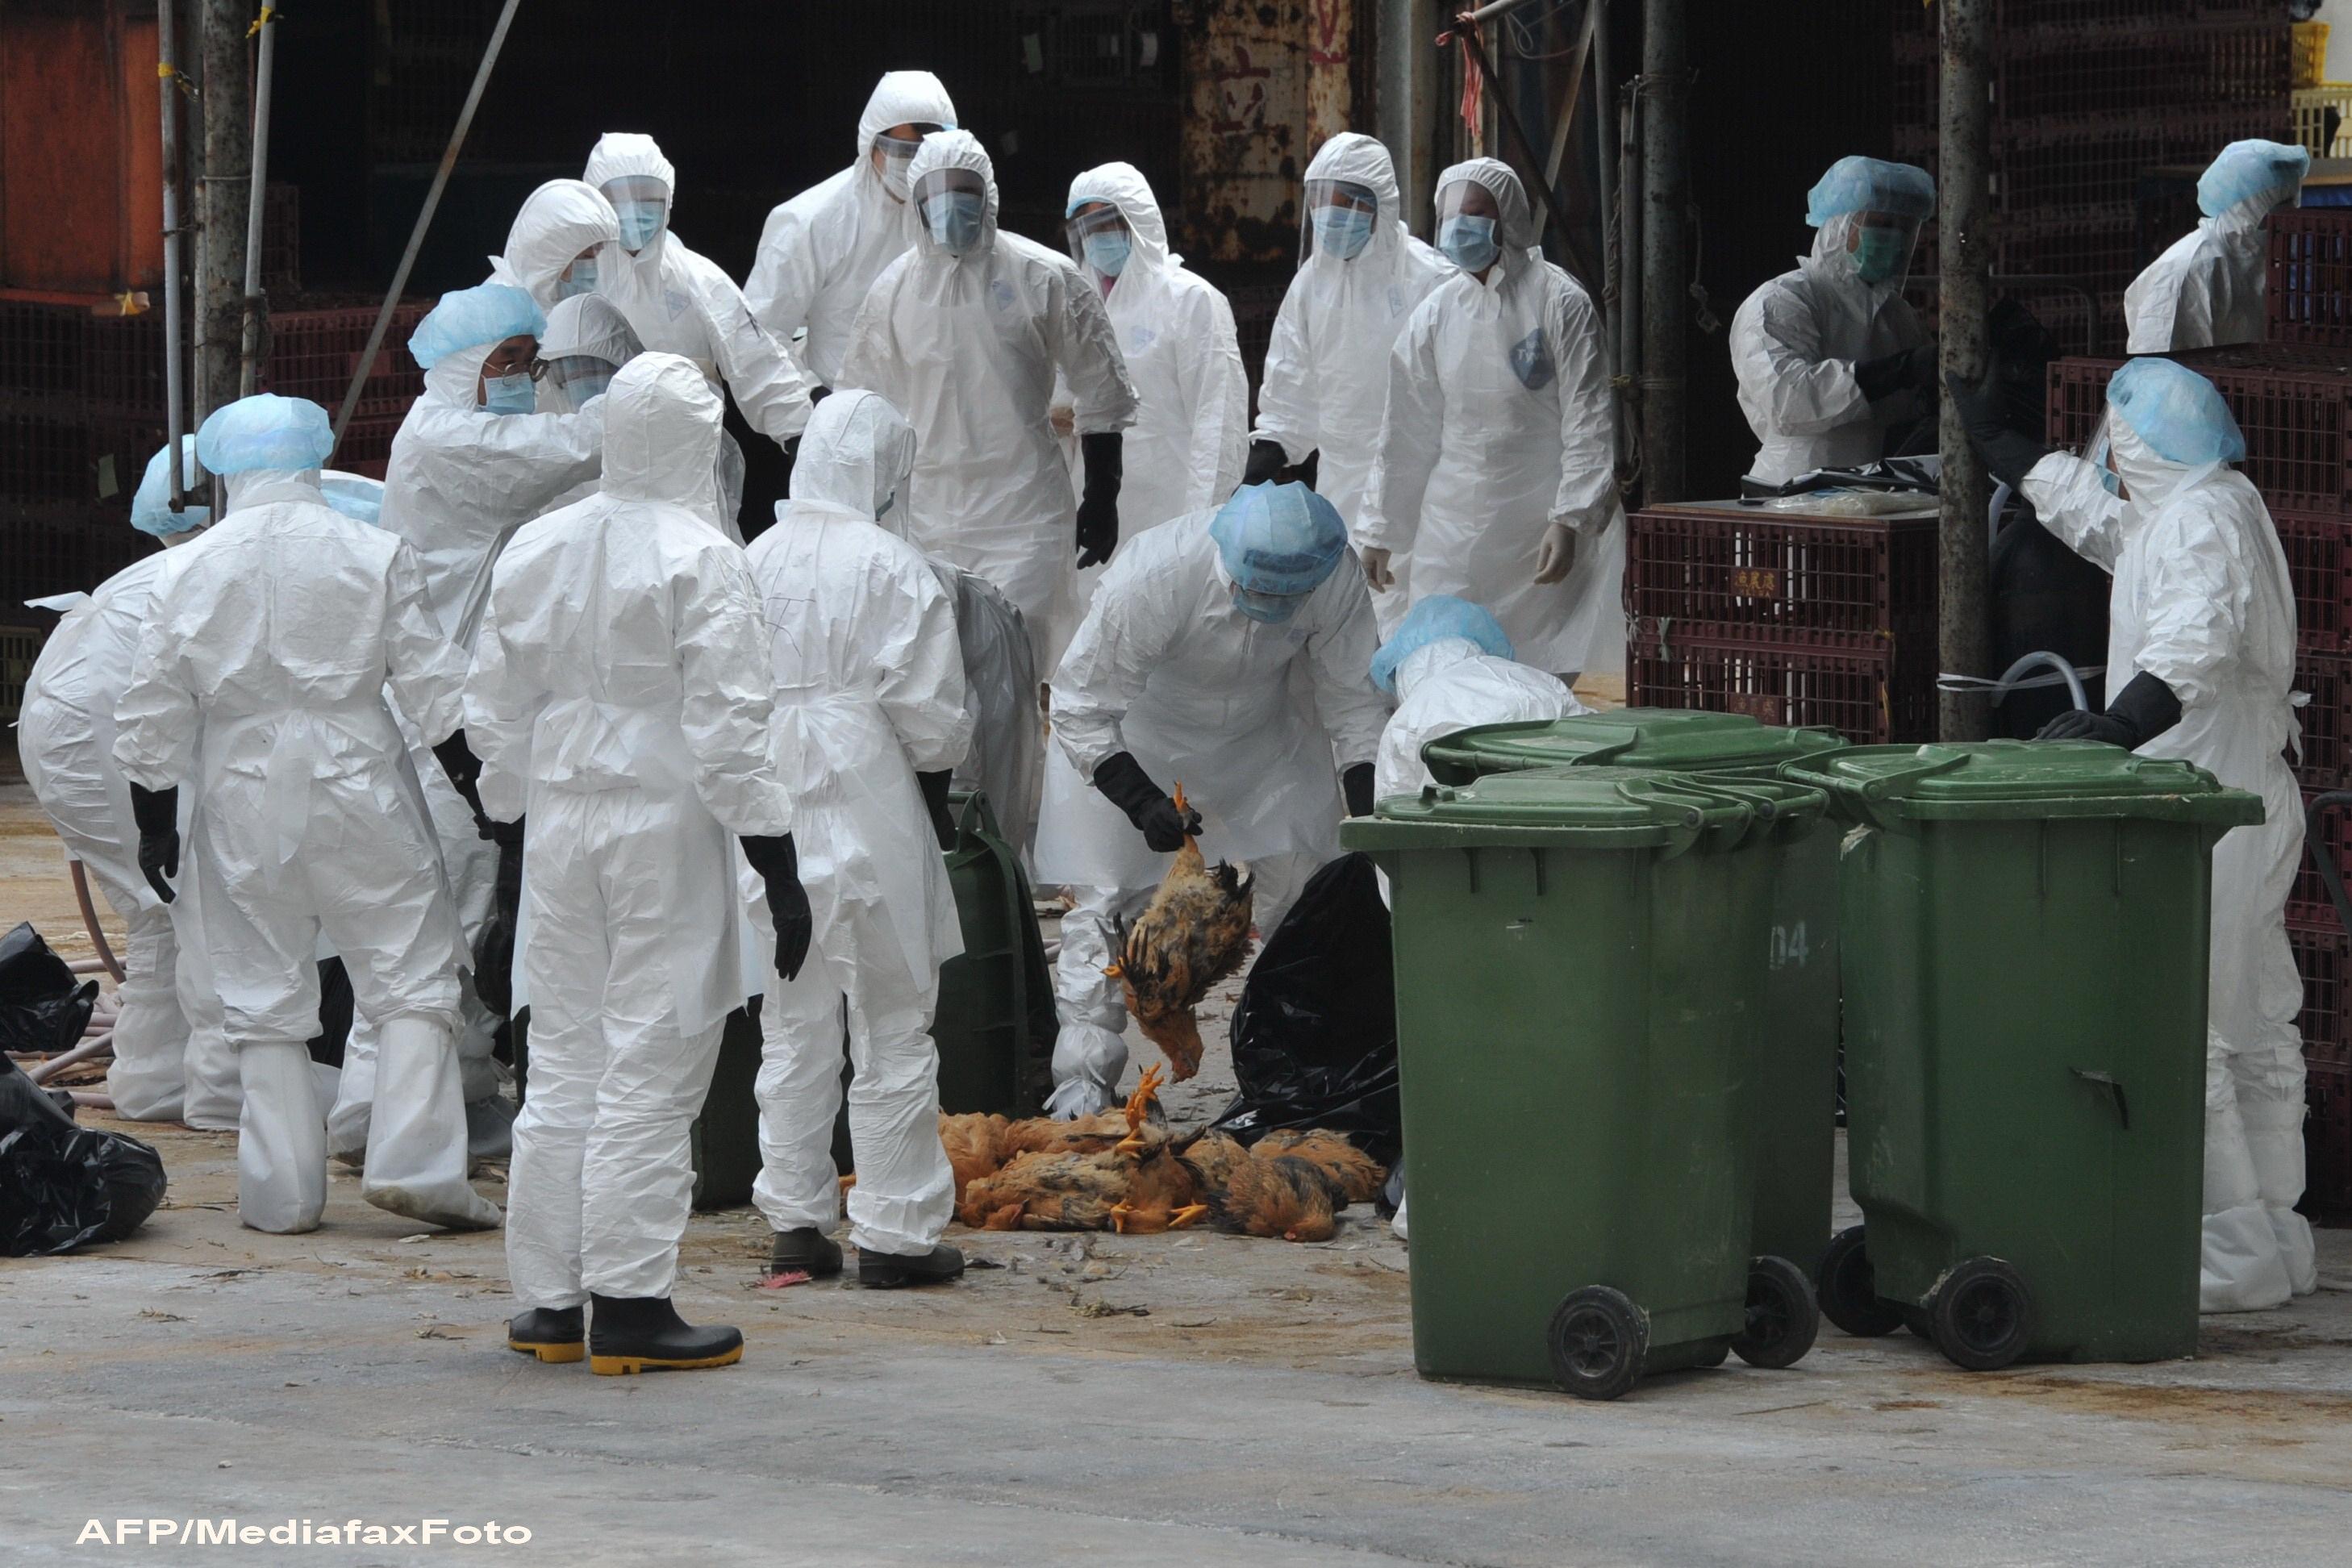 Gripa aviara a provocat moartea unui barbat din China. Este primul caz dupa 18 luni